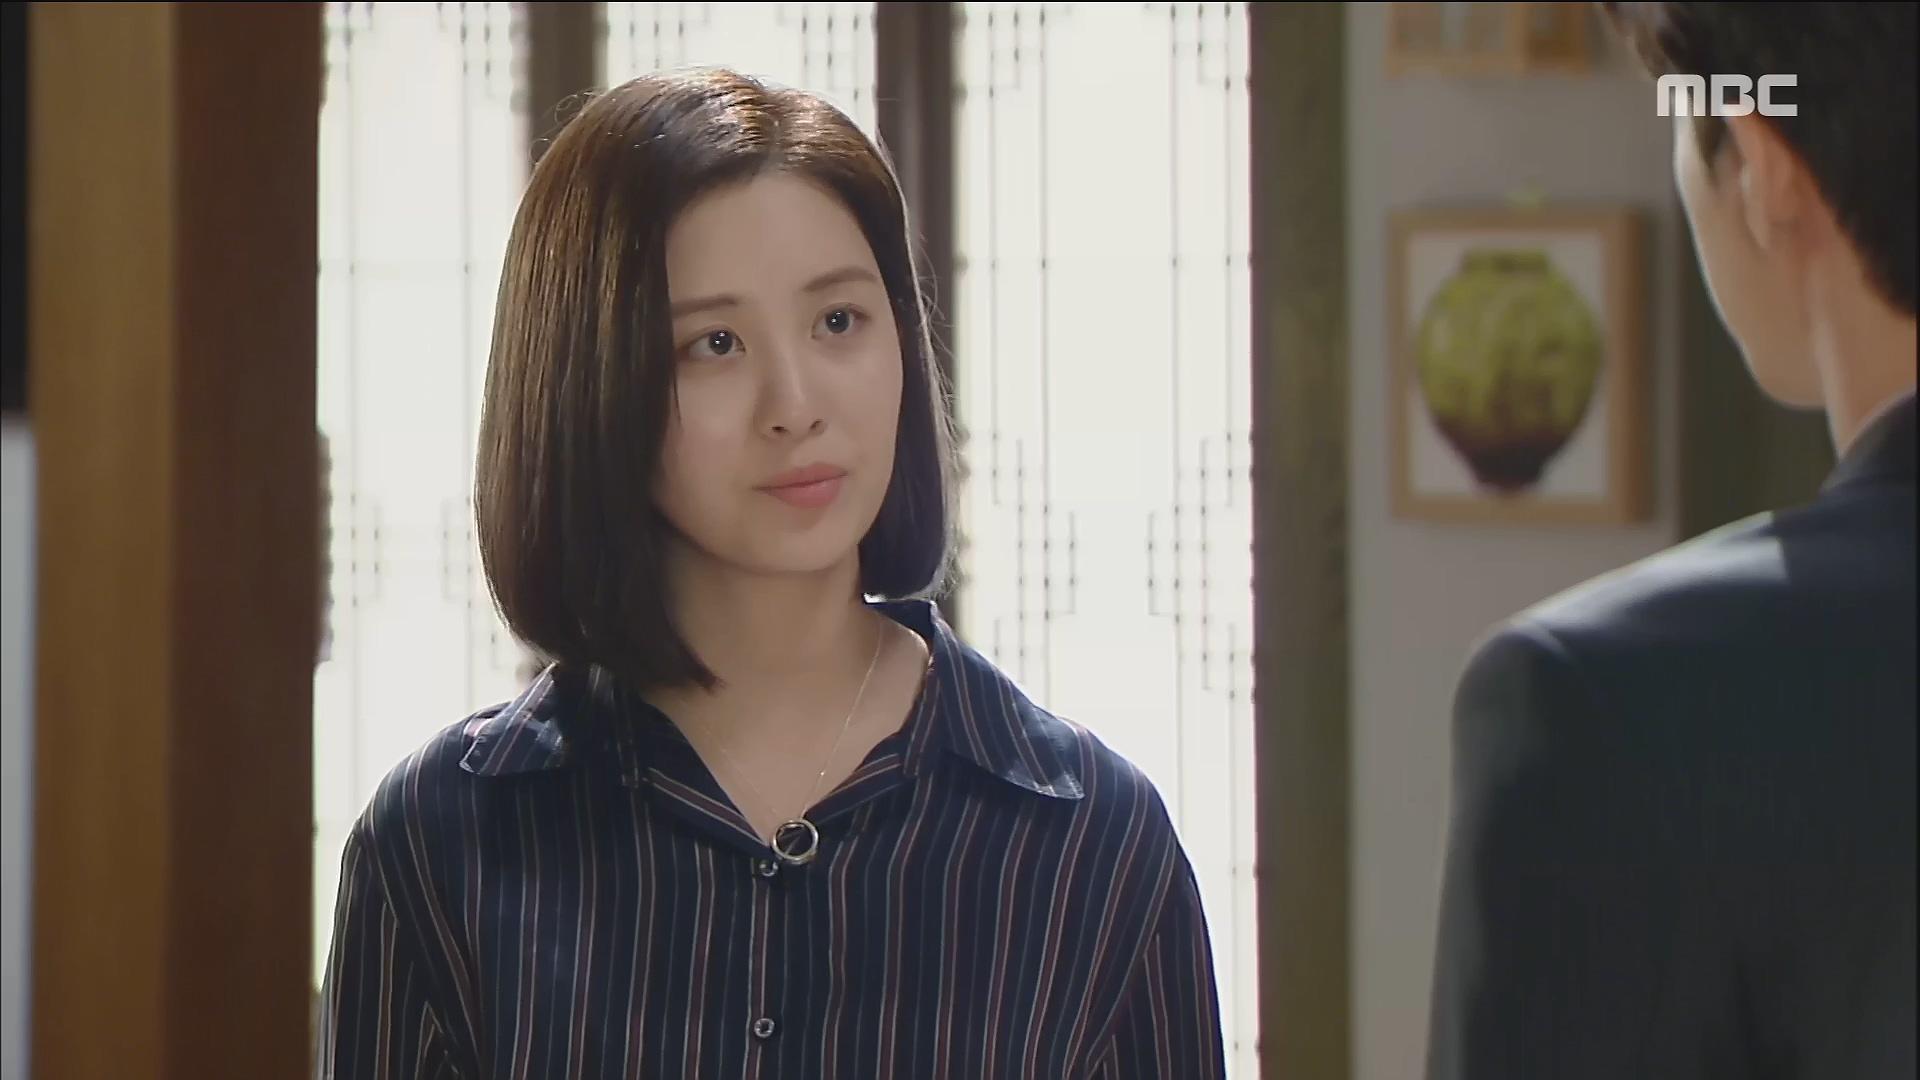 서주현,김지훈에 그게 무슨 상관이죠?냉랭한 반응